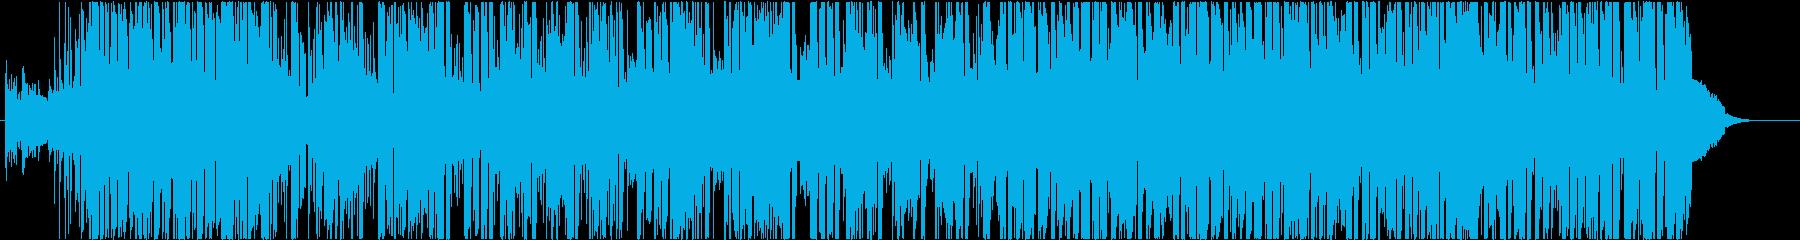 R&B系ミディアムバラードのBGMの再生済みの波形